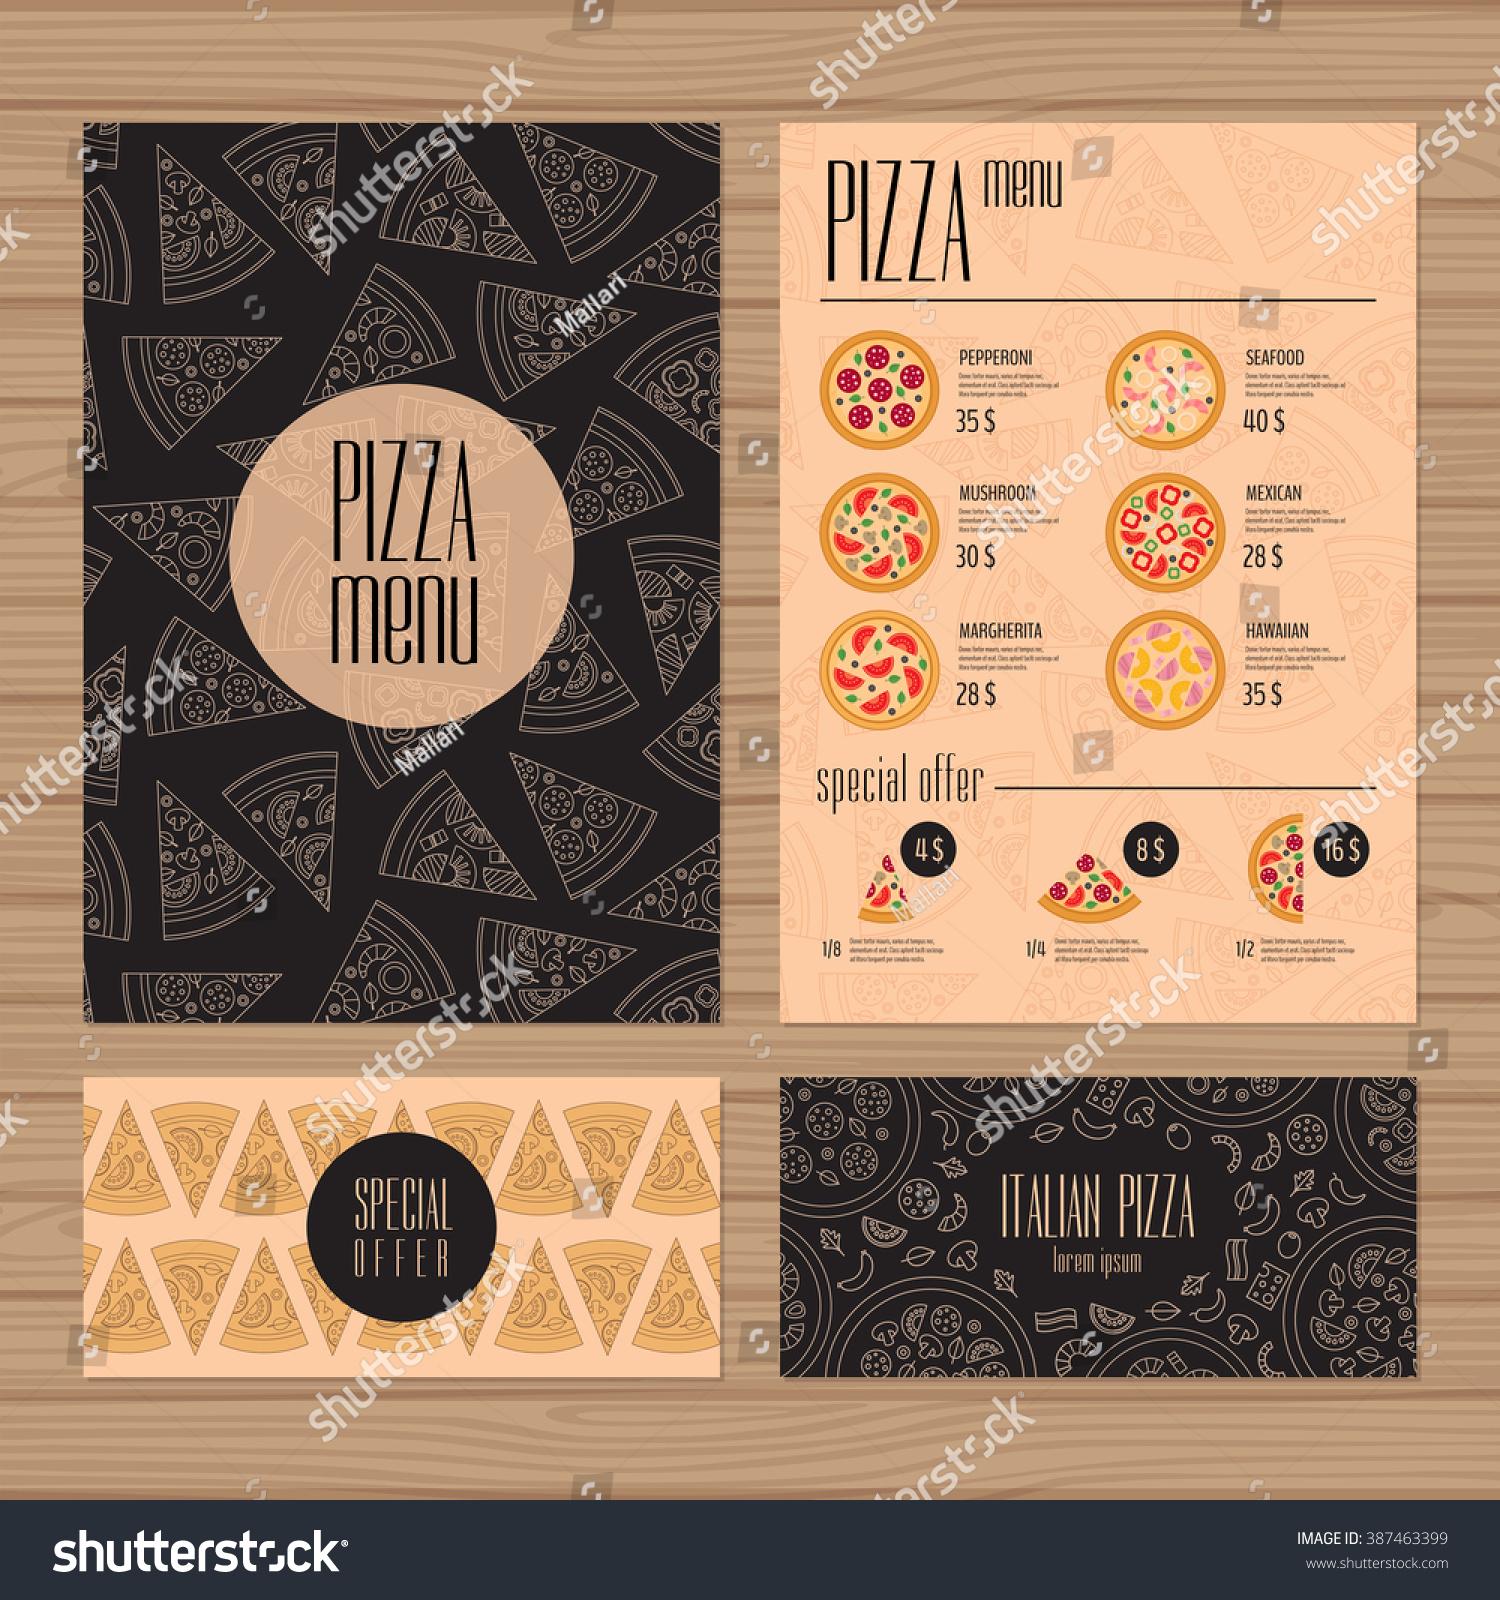 Pizza Menu Design A 4 Size Flyer Vector de stock387463399: Shutterstock